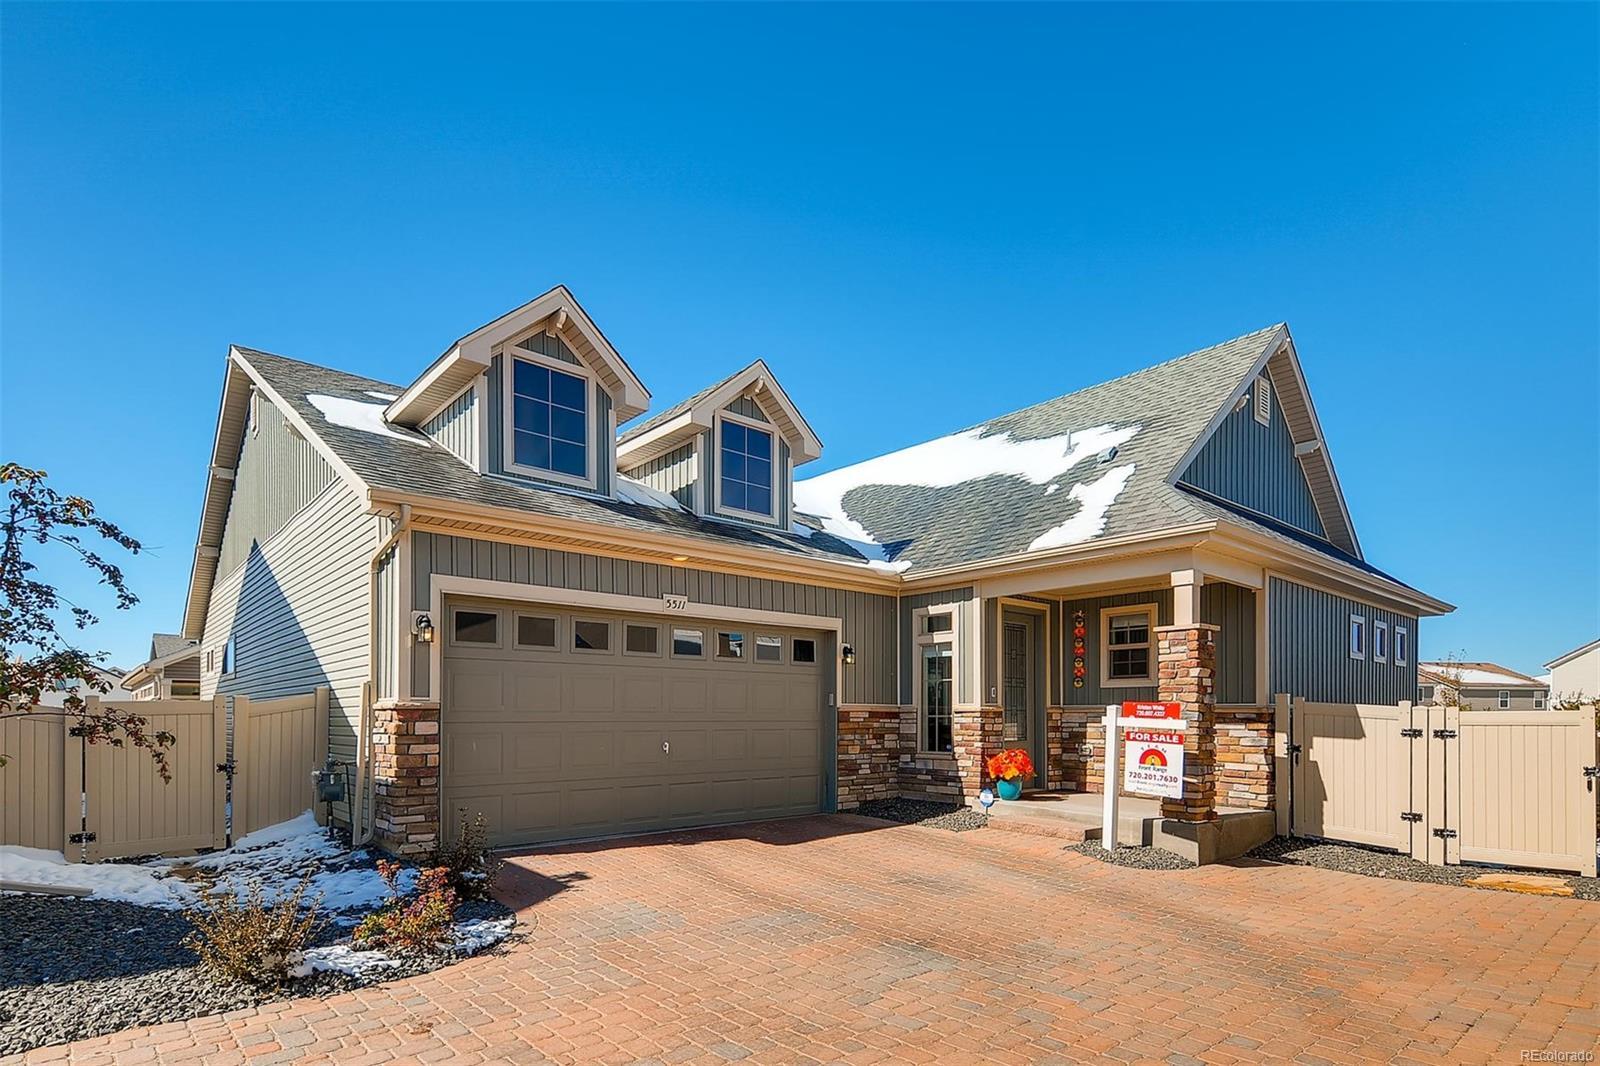 5511 Himalaya Road, Denver, CO 80249 - Denver, CO real estate listing